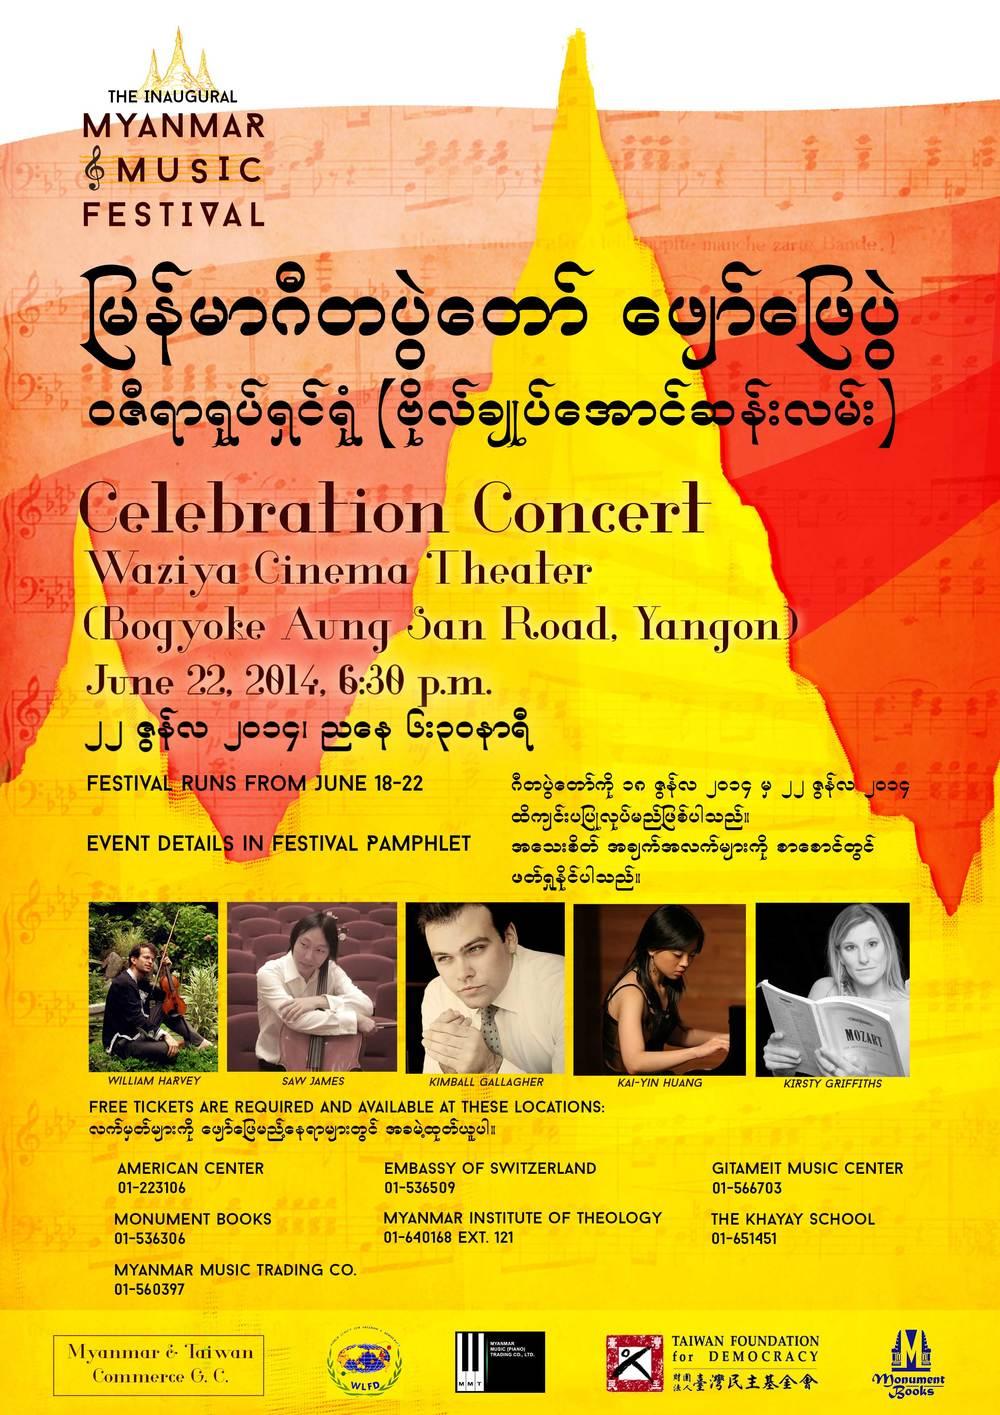 Myanmar Music Festival 2014